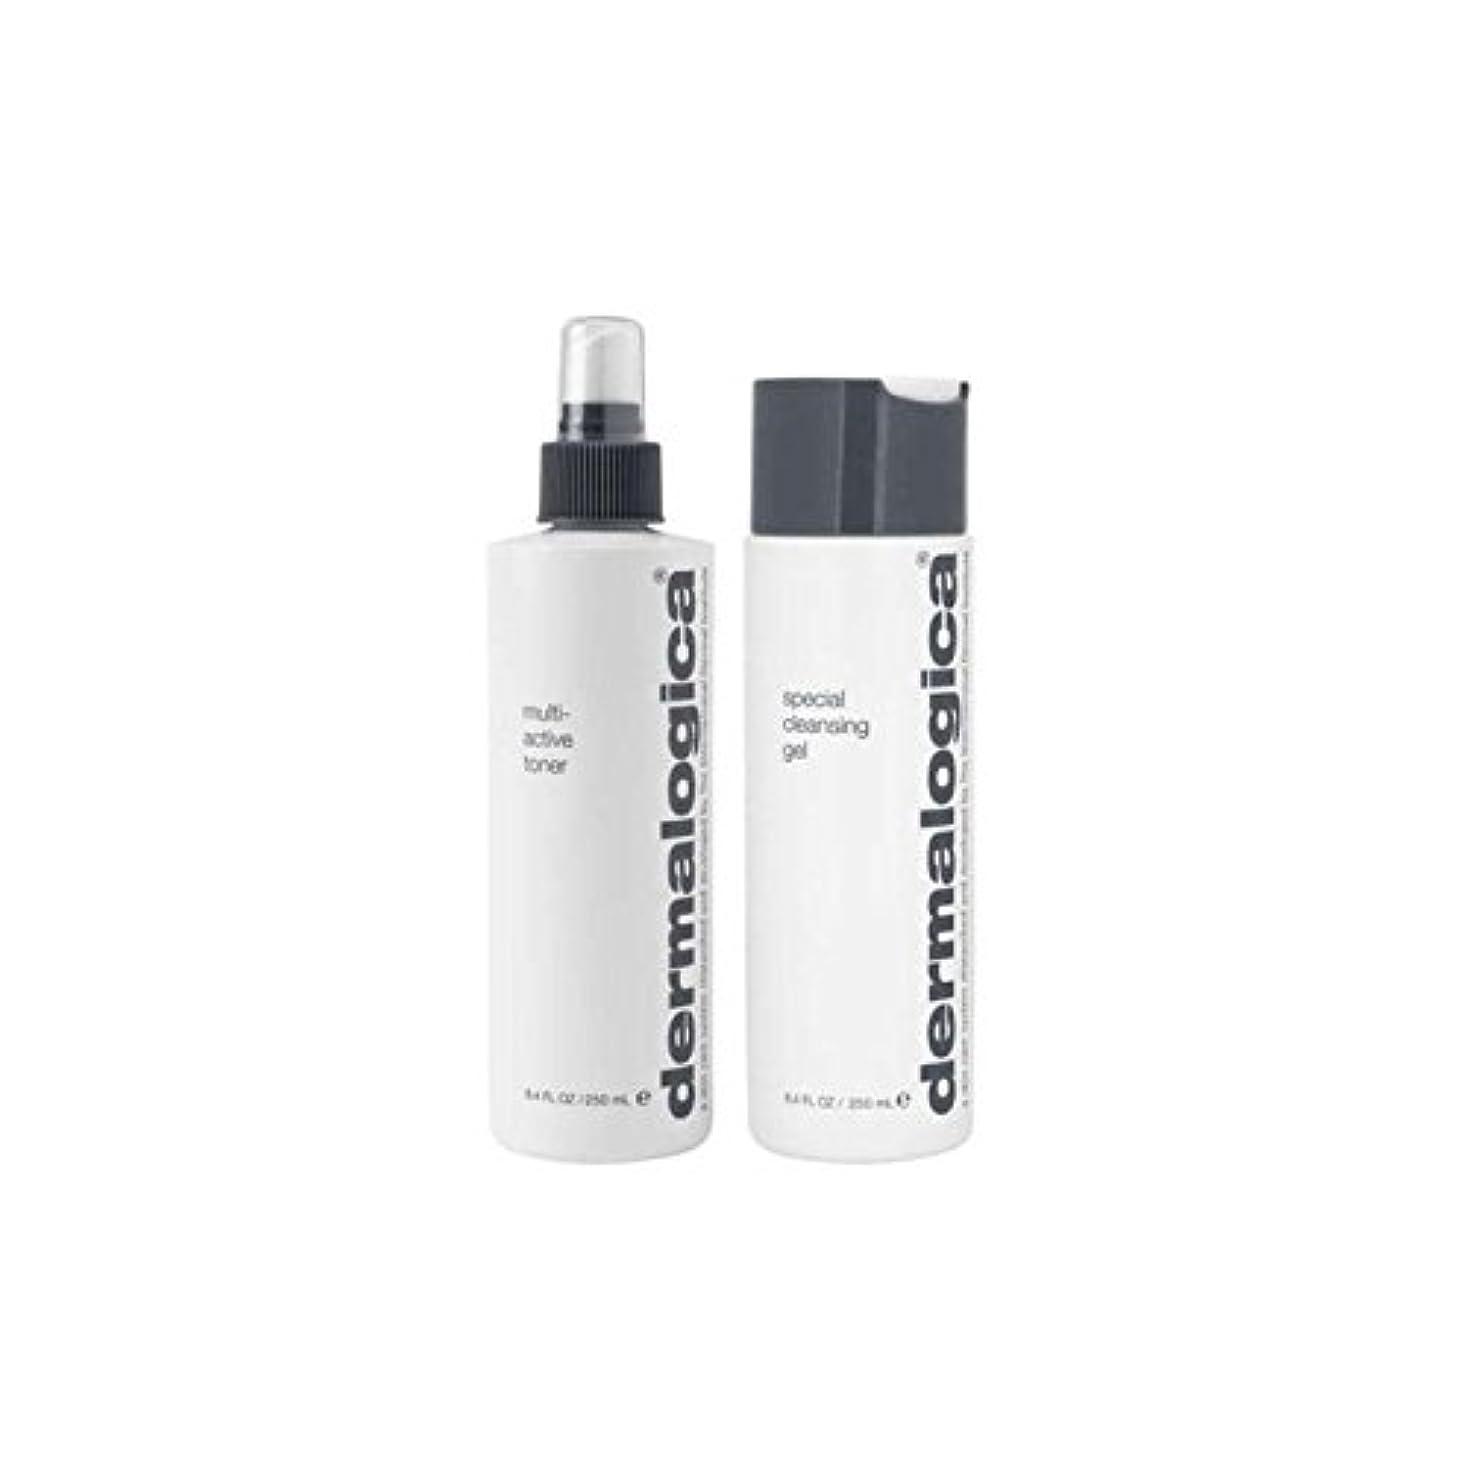 用心深い達成宿命ダーマロジカクレンジング&トーンデュオ - ノーマル/ドライスキン(2製品) x2 - Dermalogica Cleanse & Tone Duo - Normal/Dry Skin (2 Products) (Pack...